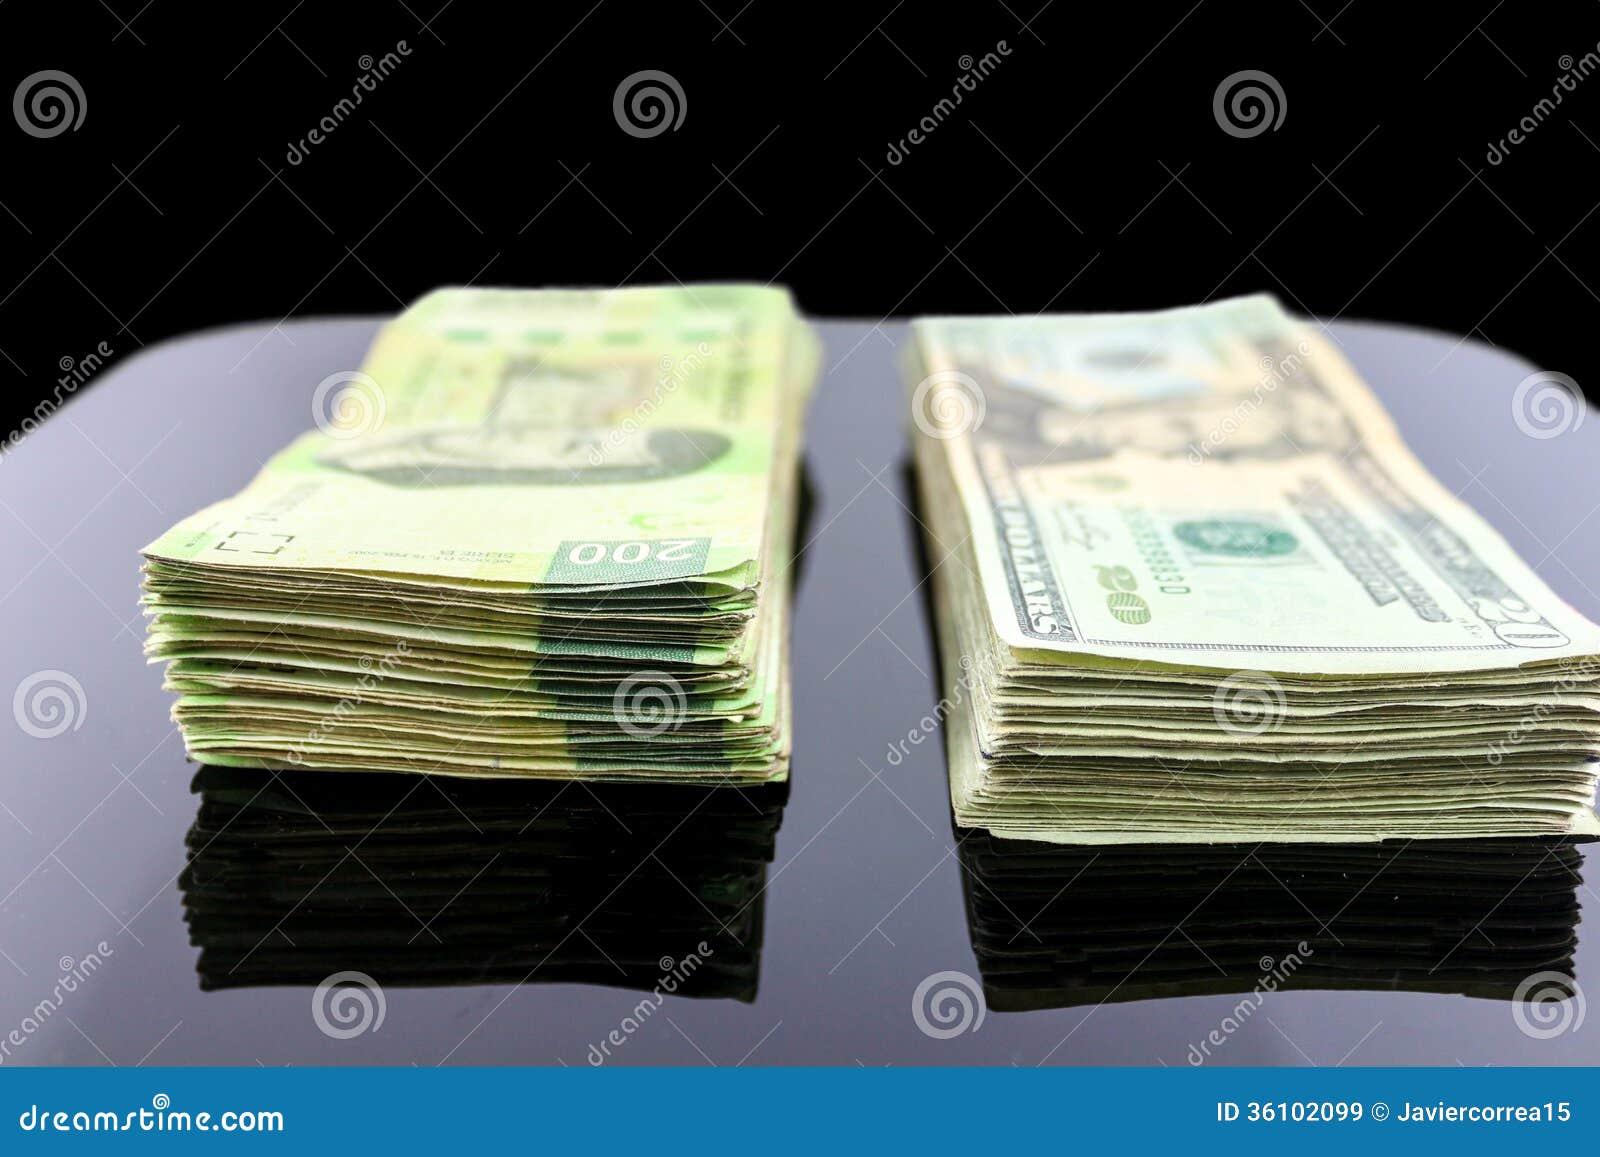 poker maximales geld auf dem tisch